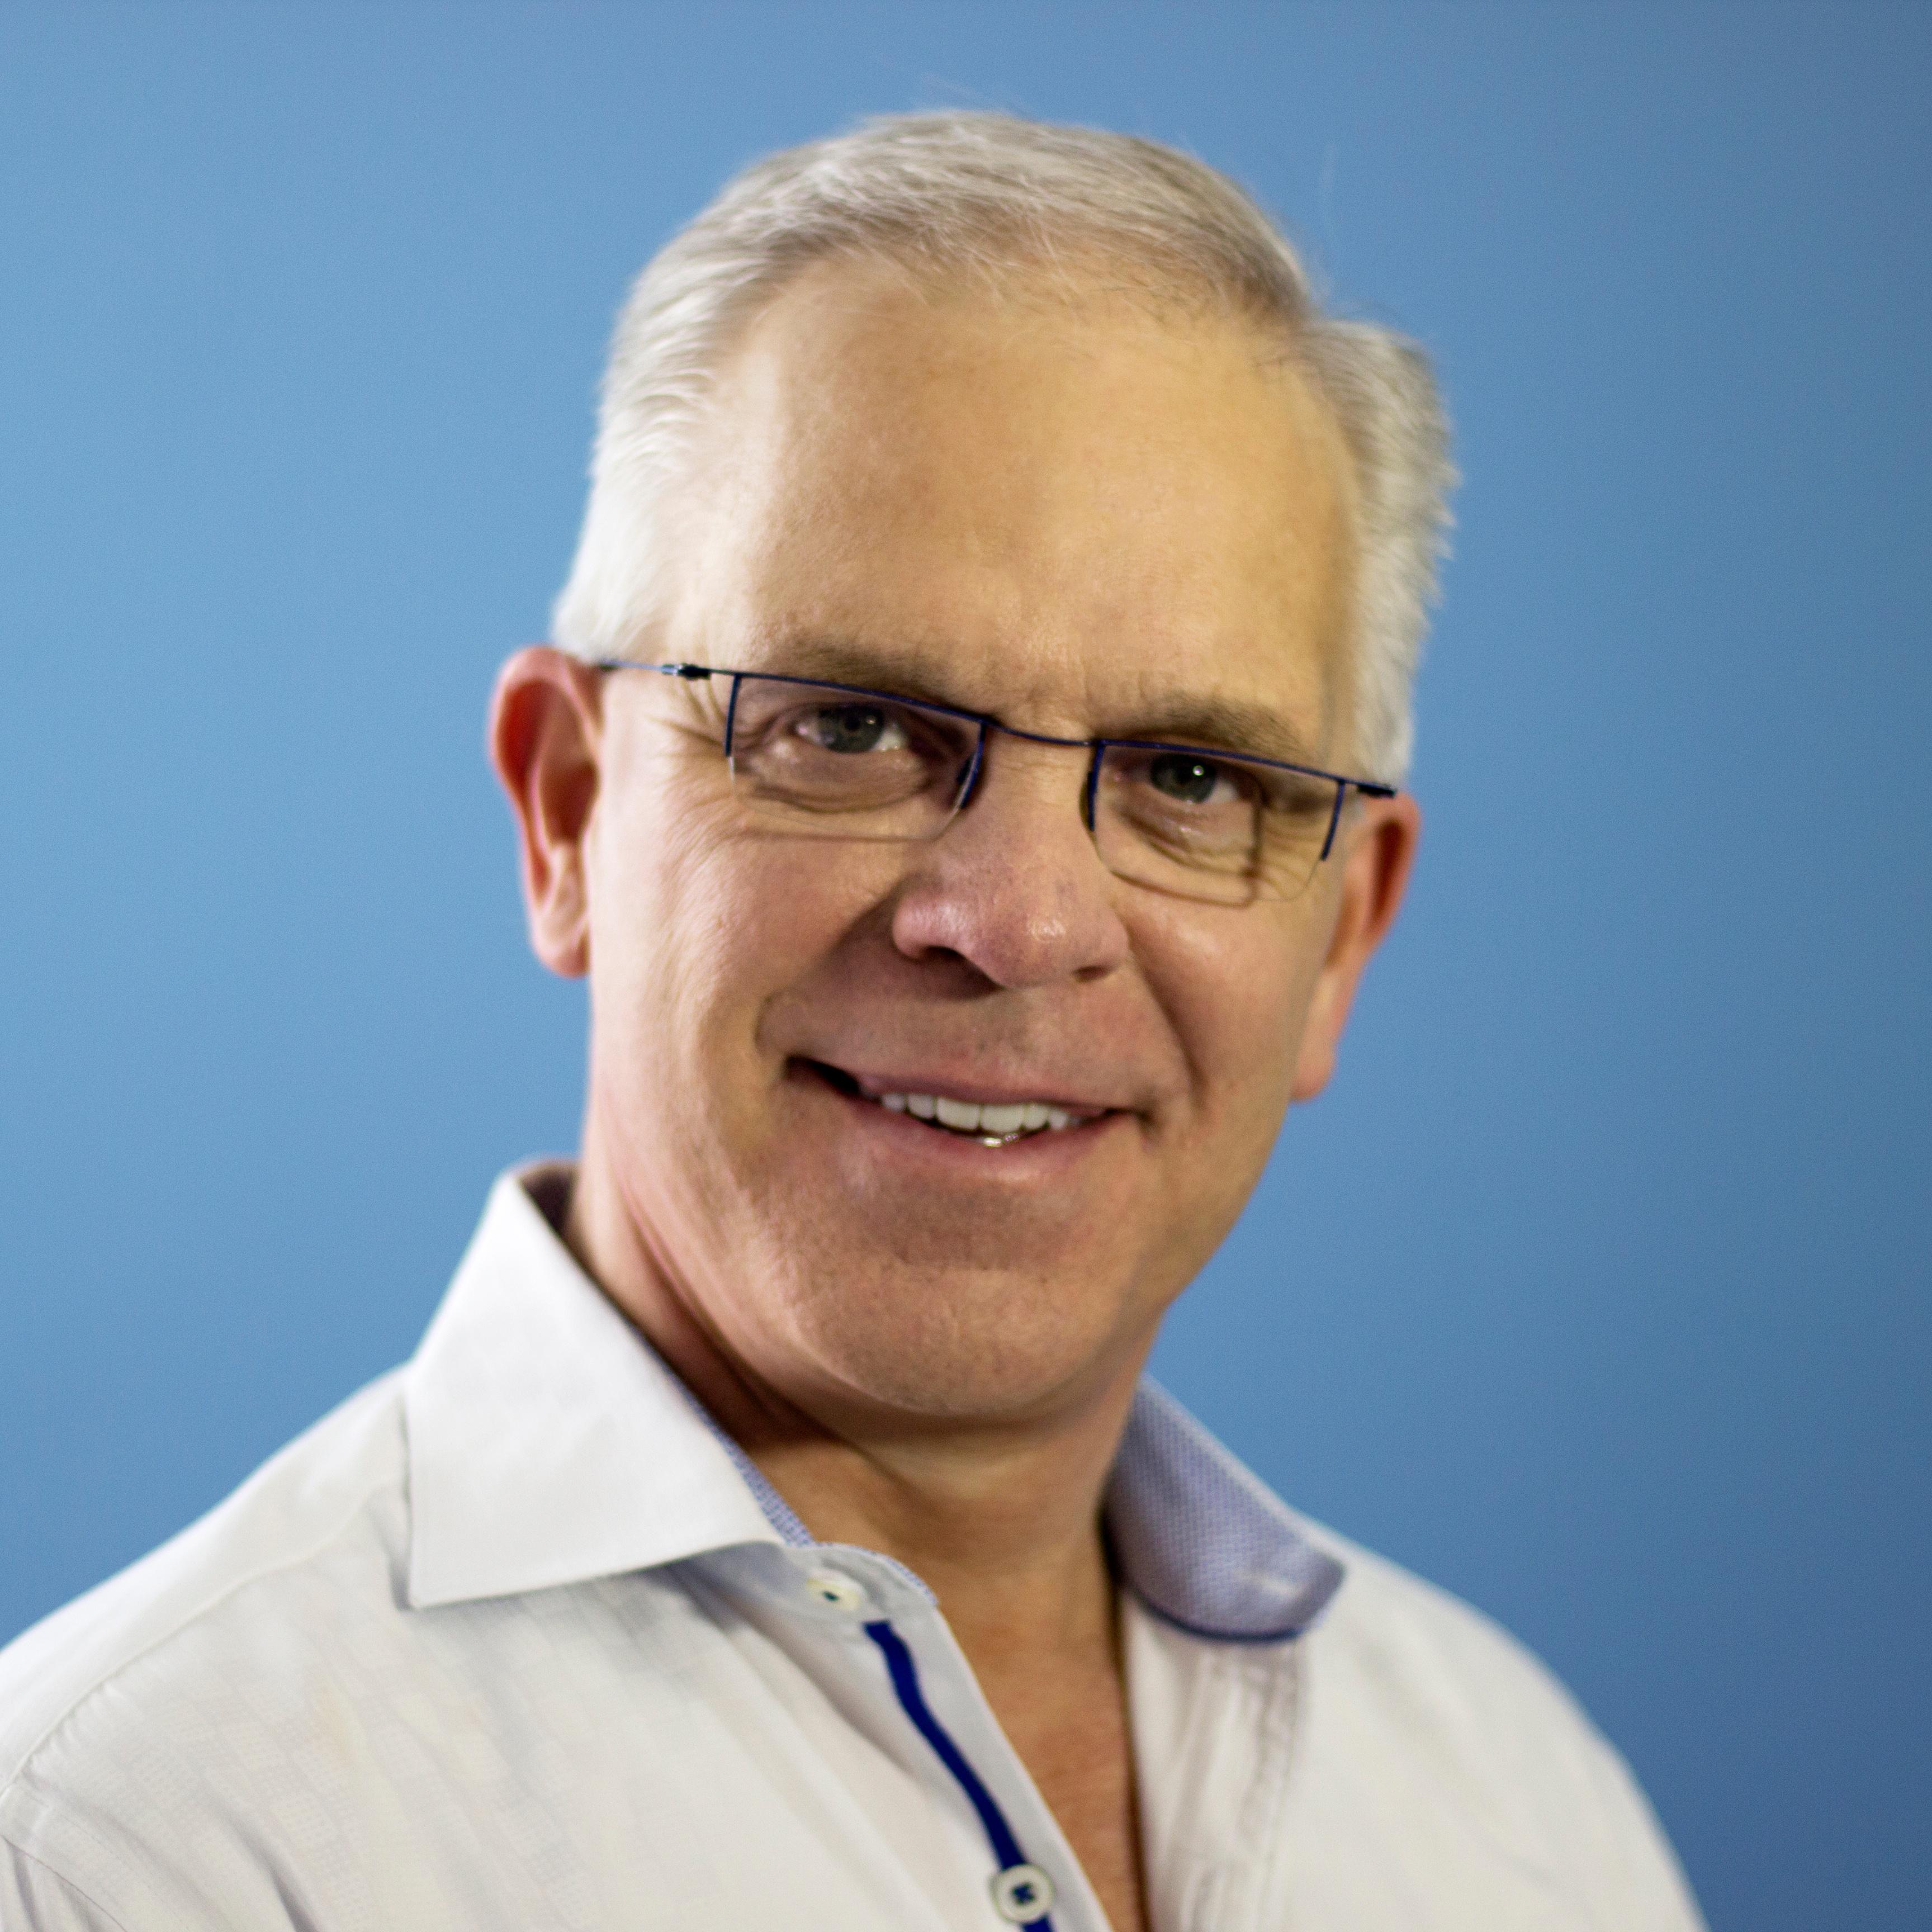 Tom Snyder